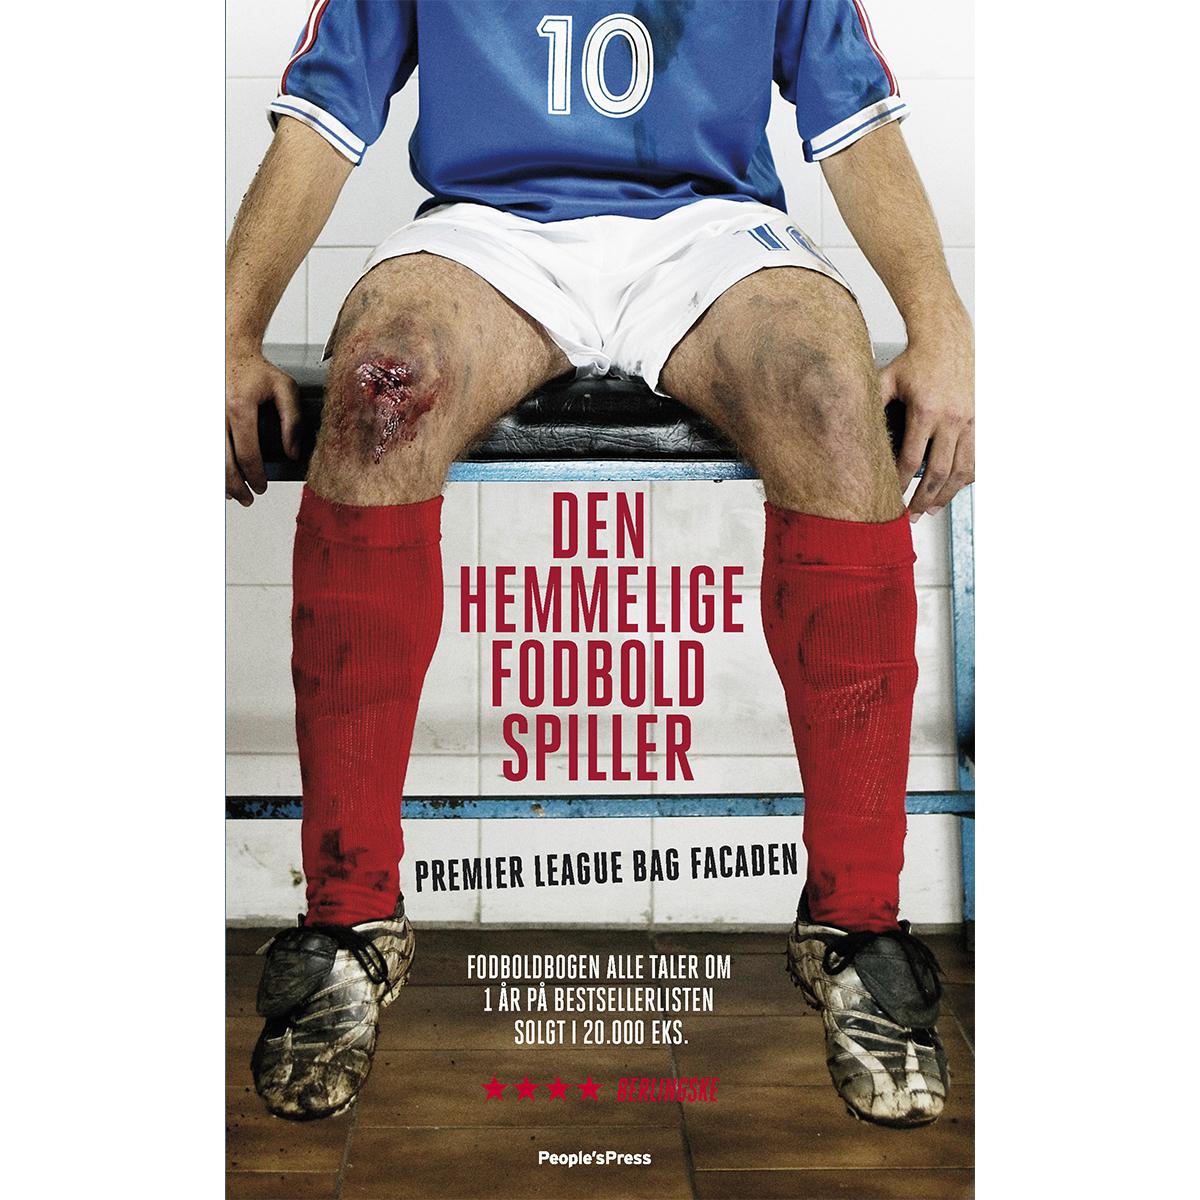 Den hemmelige fodboldspiller - Premier League bag facaden - Paperback